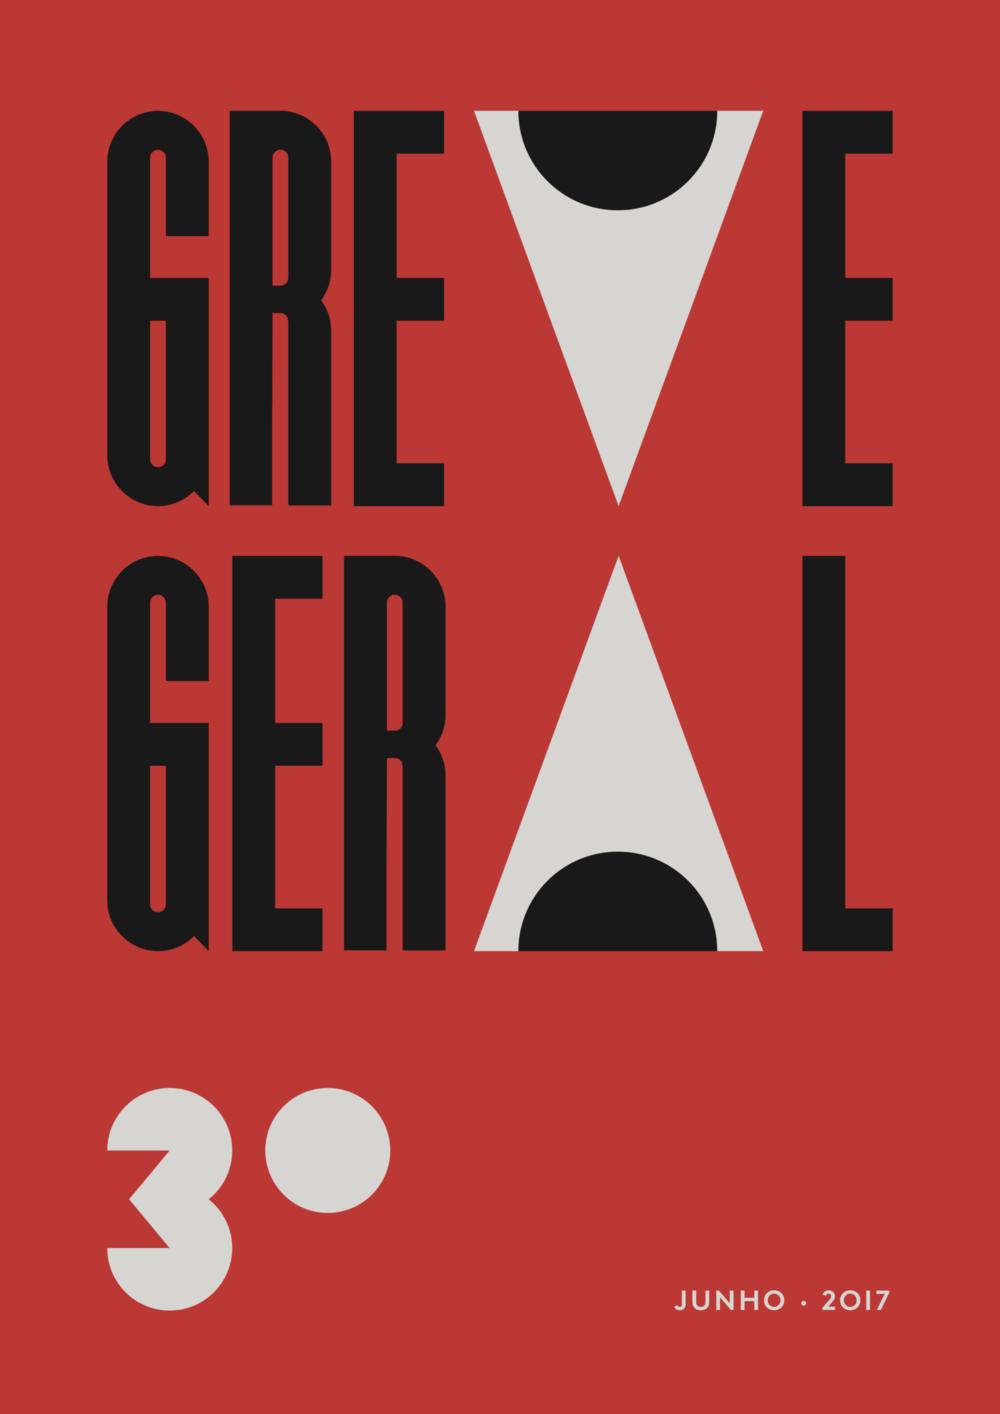 01 novagreve-08.png